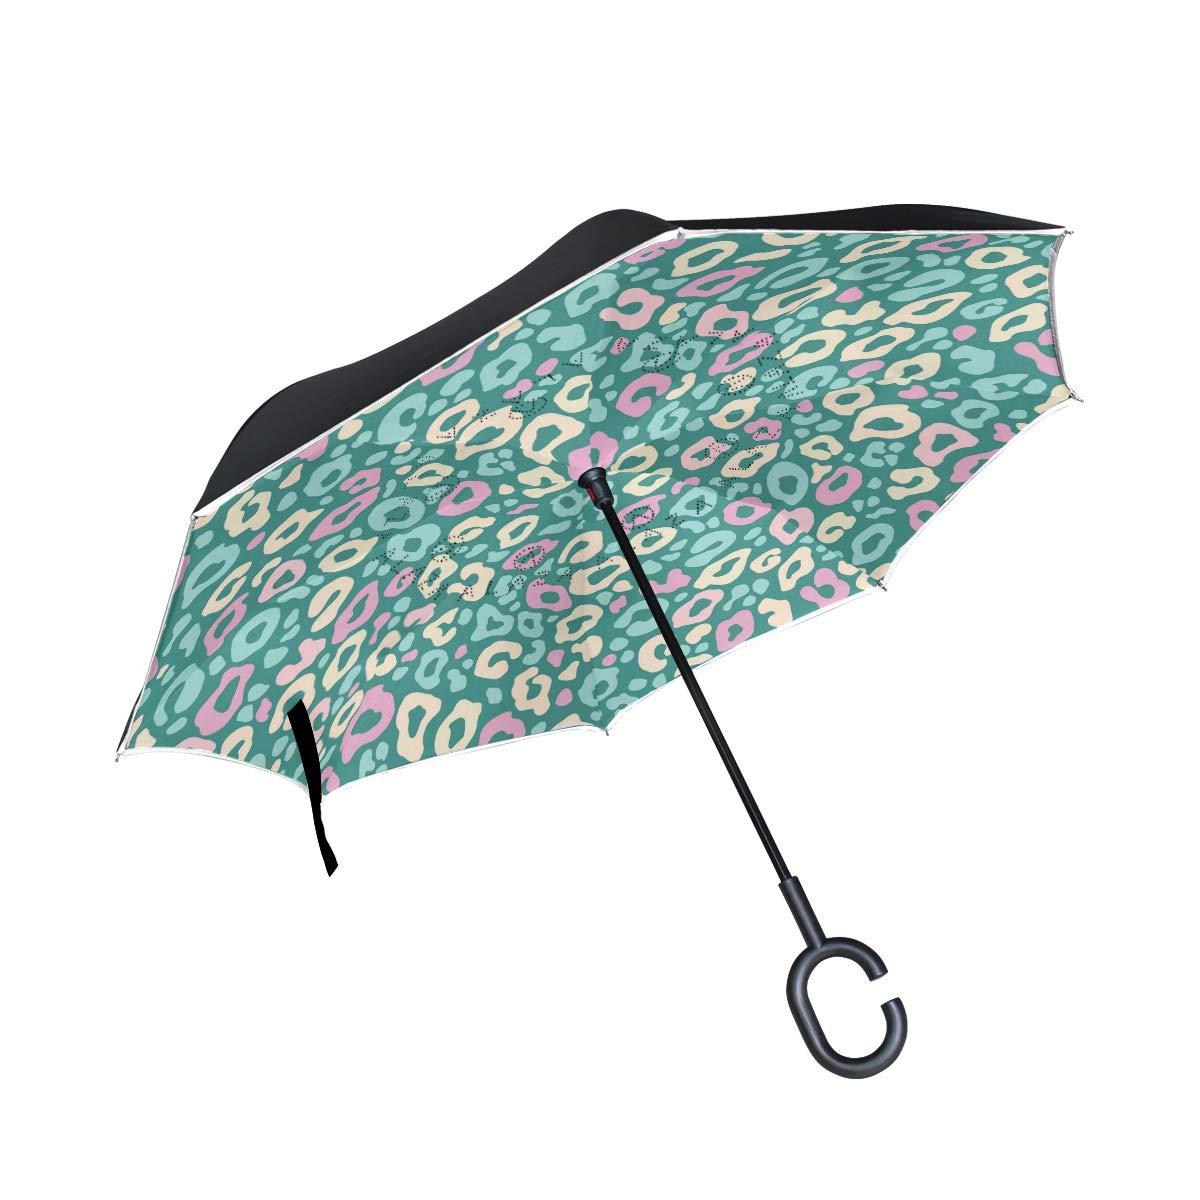 Orediy Paraguas invertido con Estampado de Leopardo, Doble Capa, Paraguas Grande para el Reverso del Coche, para Exteriores, Resistente al Viento, Lluvia, ...